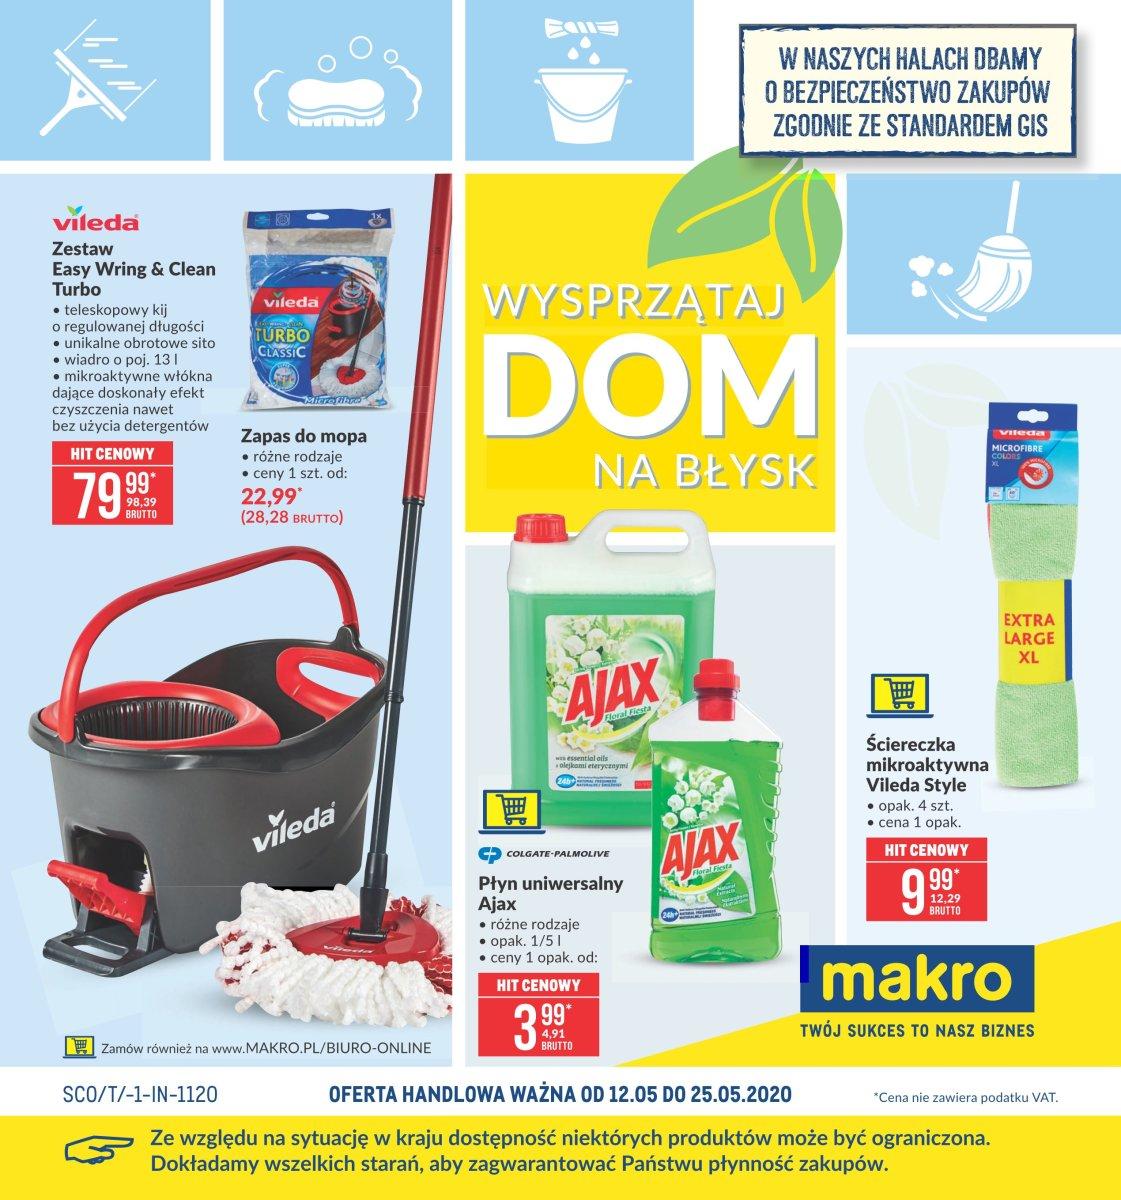 Gazetka Makro - Wysprzątaj dom na błysk